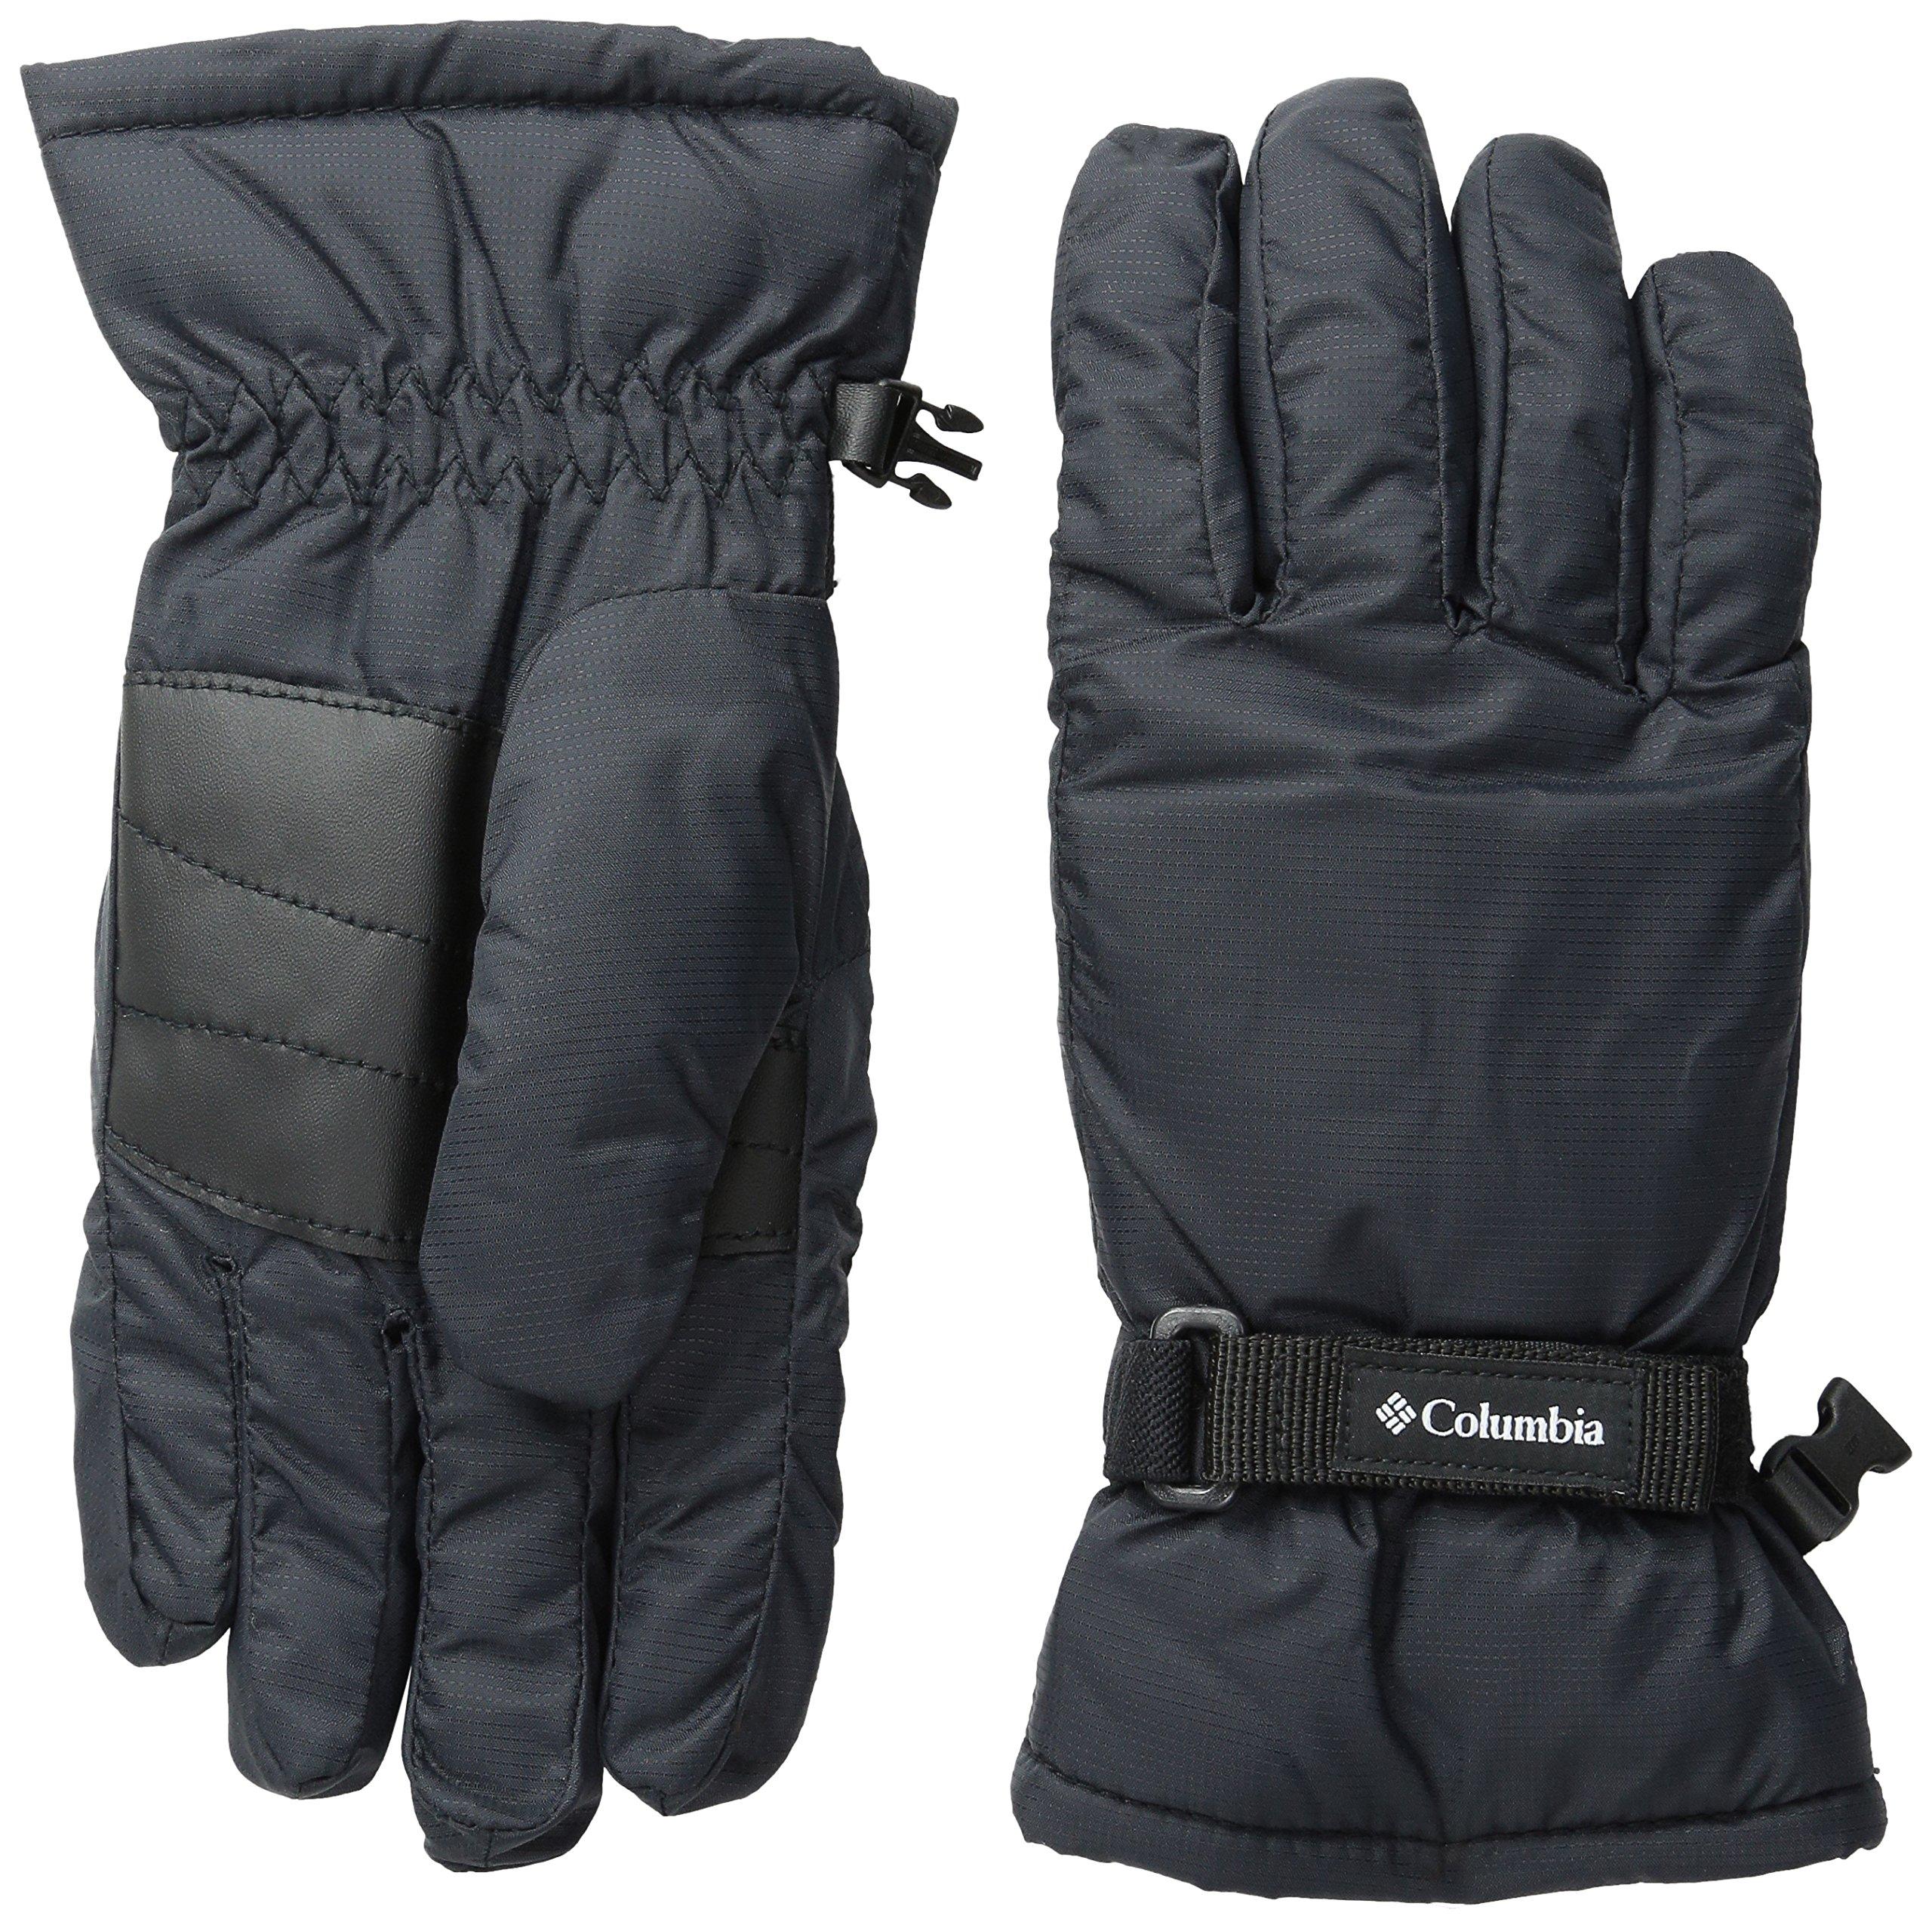 Columbia Y Core Glove, Black, Medium